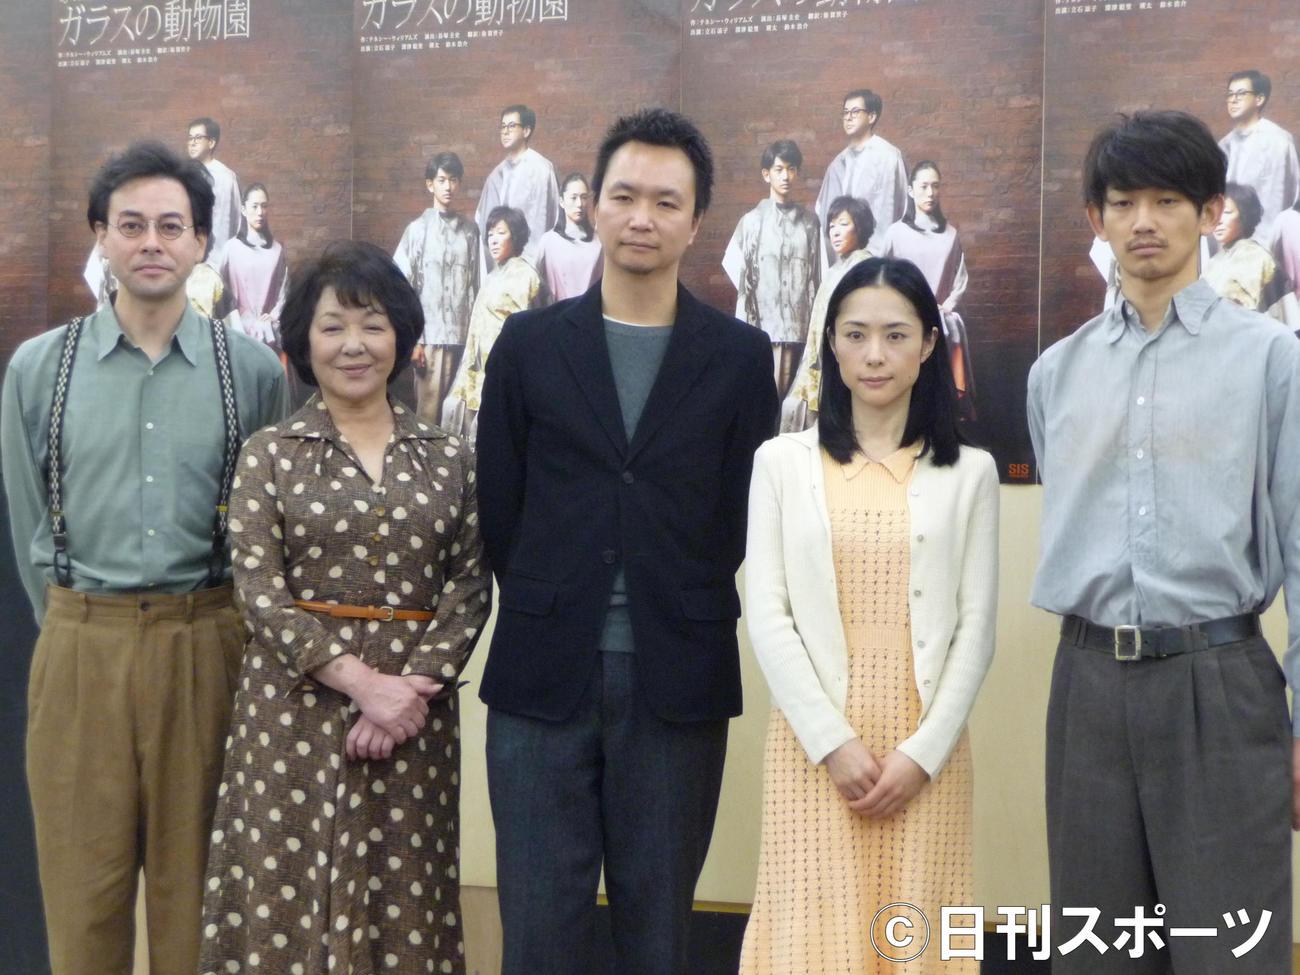 「ガラスの動物園」の会見に出席した、左から鈴木浩介、立石涼子、長塚圭史、深津絵里、瑛太(2012年2月6日)